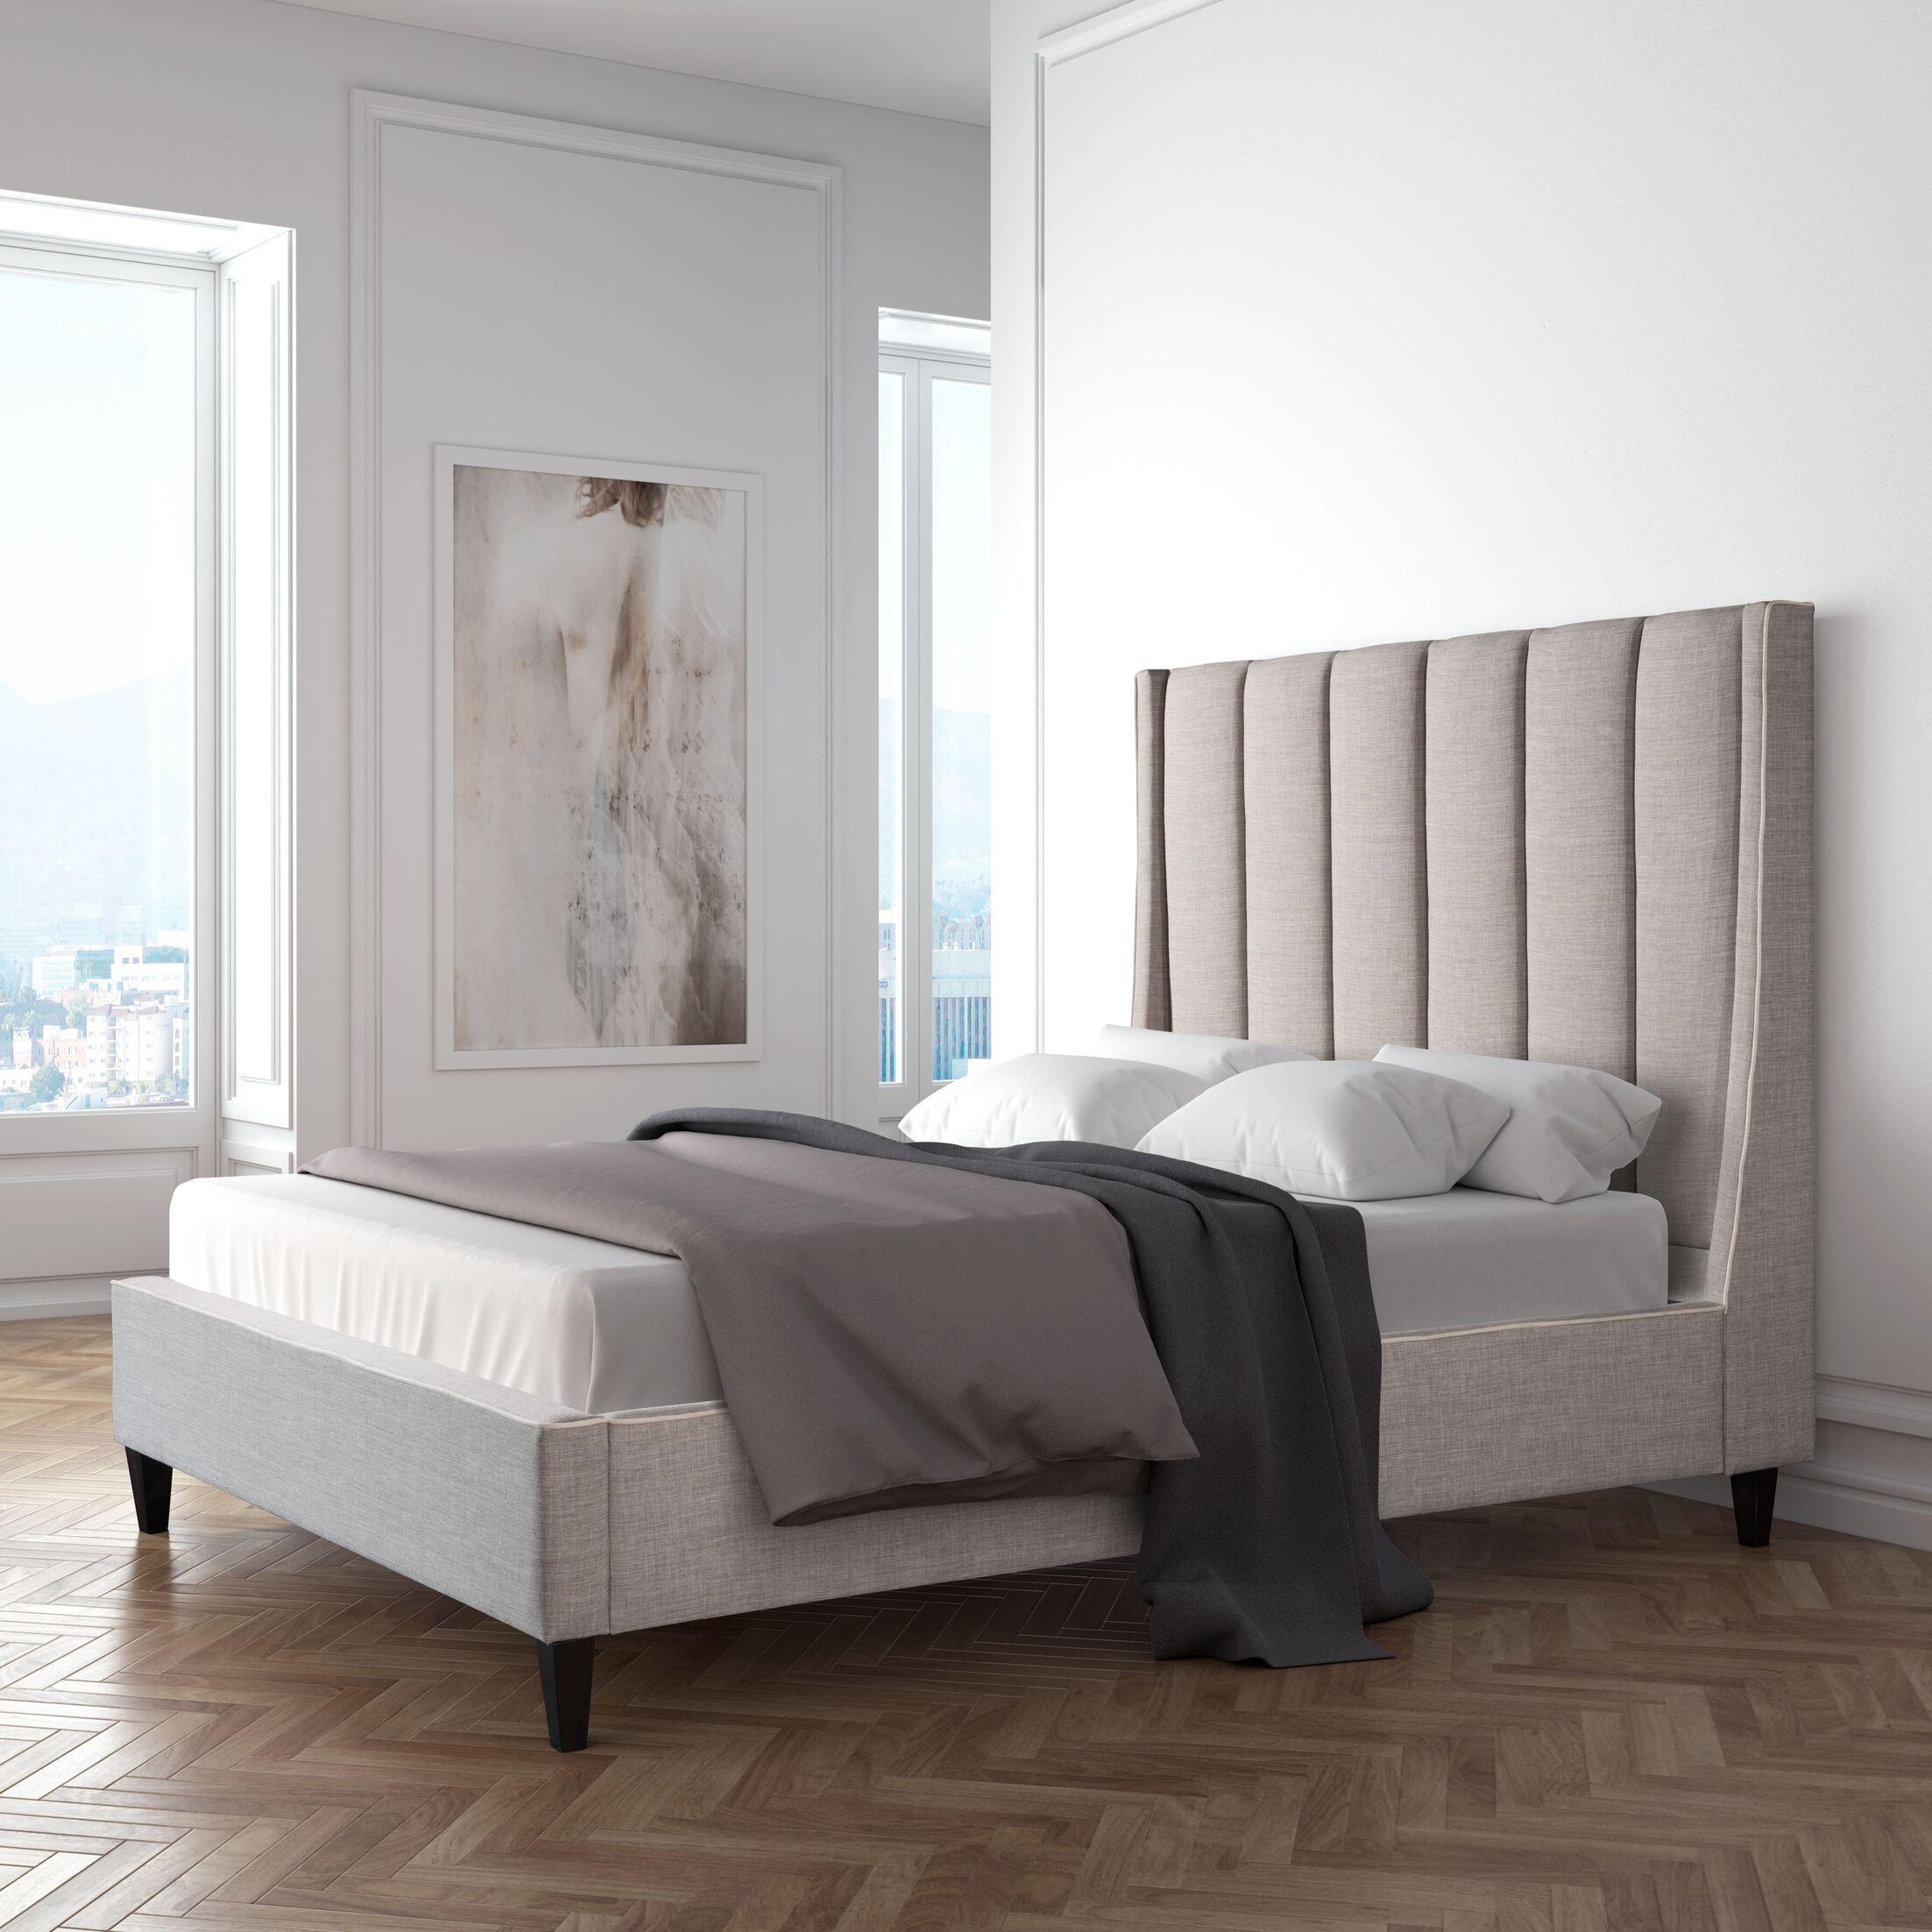 Odina Upholstered Platform Bed Size: King